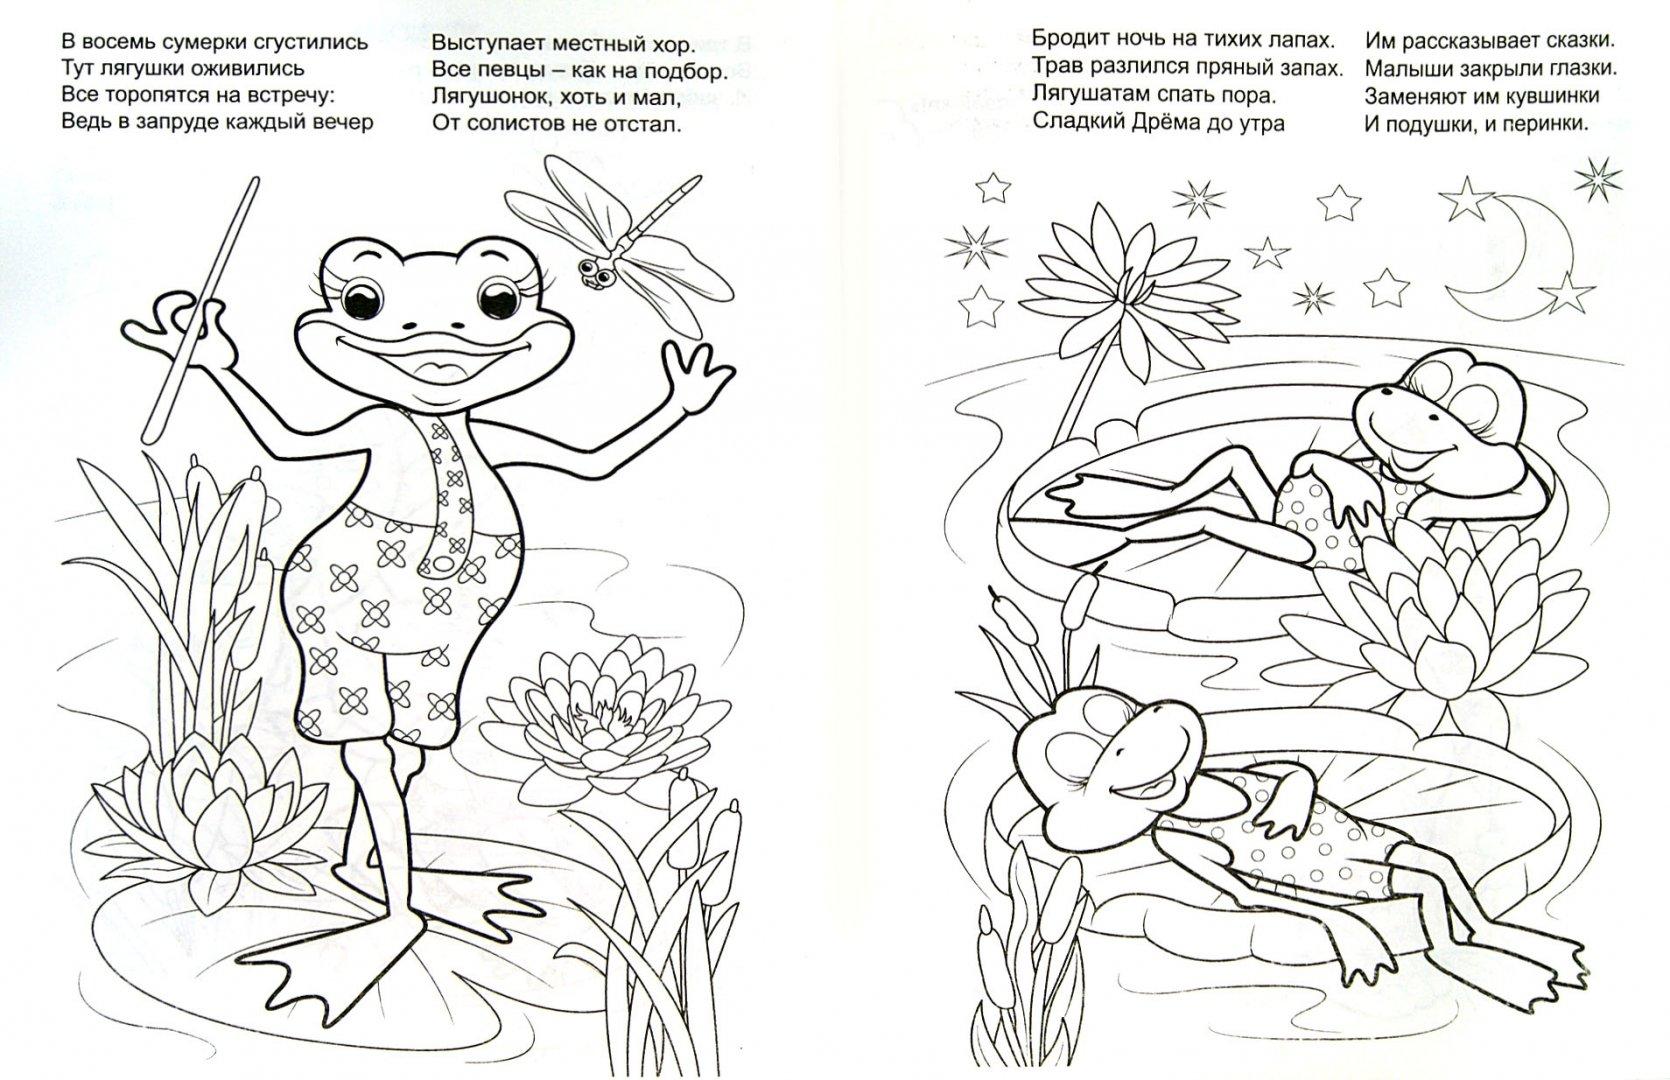 Иллюстрация 1 из 19 для Задачки-шутки - Тамара Крюкова | Лабиринт - книги. Источник: Лабиринт